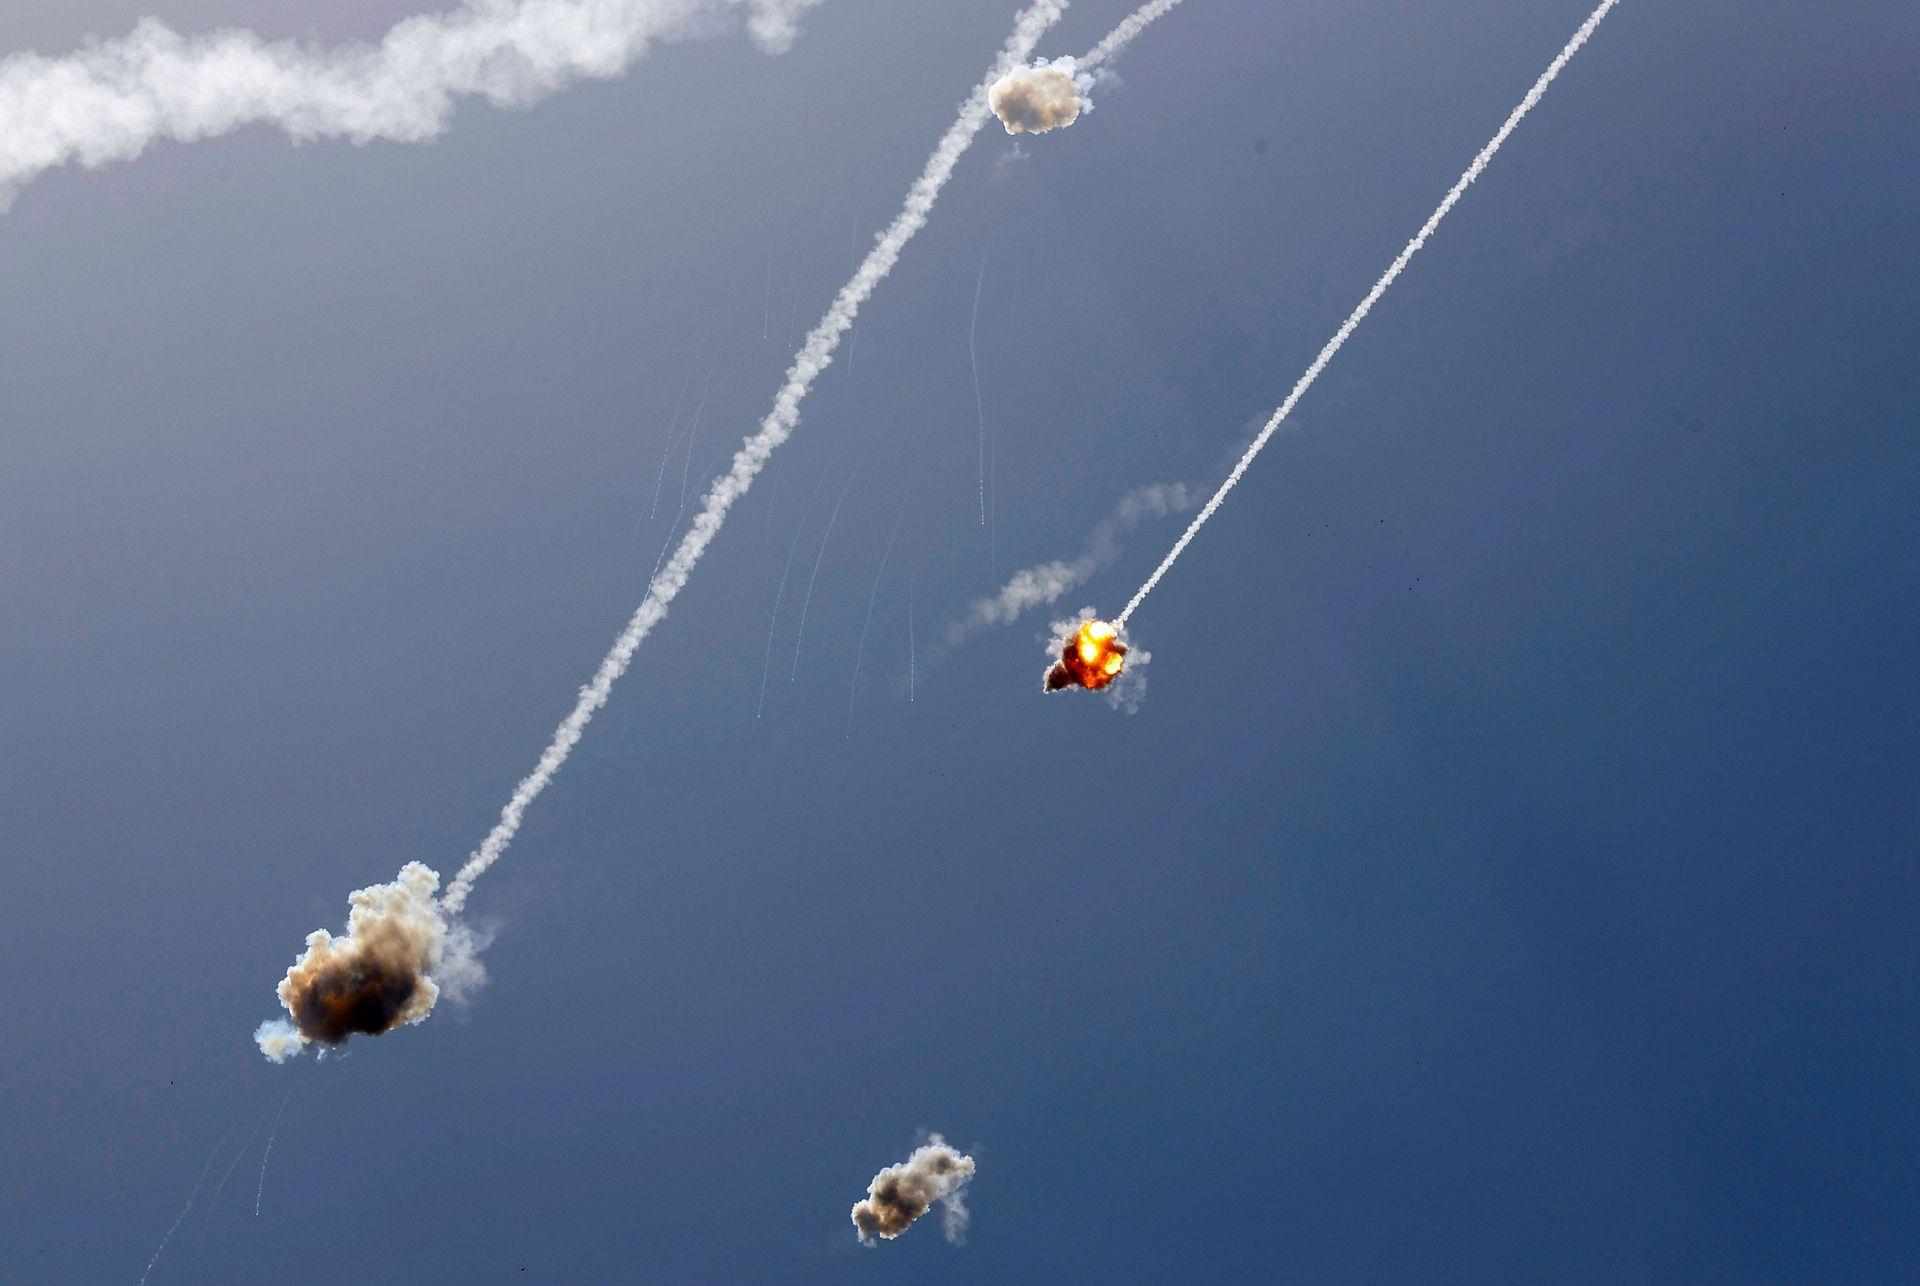 El sistema de defensa aérea Cúpula de Hierro de Israel intercepta un misil lanzado desde la Franja de Gaza, controlada por el movimiento palestino Hamas, sobre la ciudad de Ashkelon, en el sur de Israel, el 11 de mayo de 2021